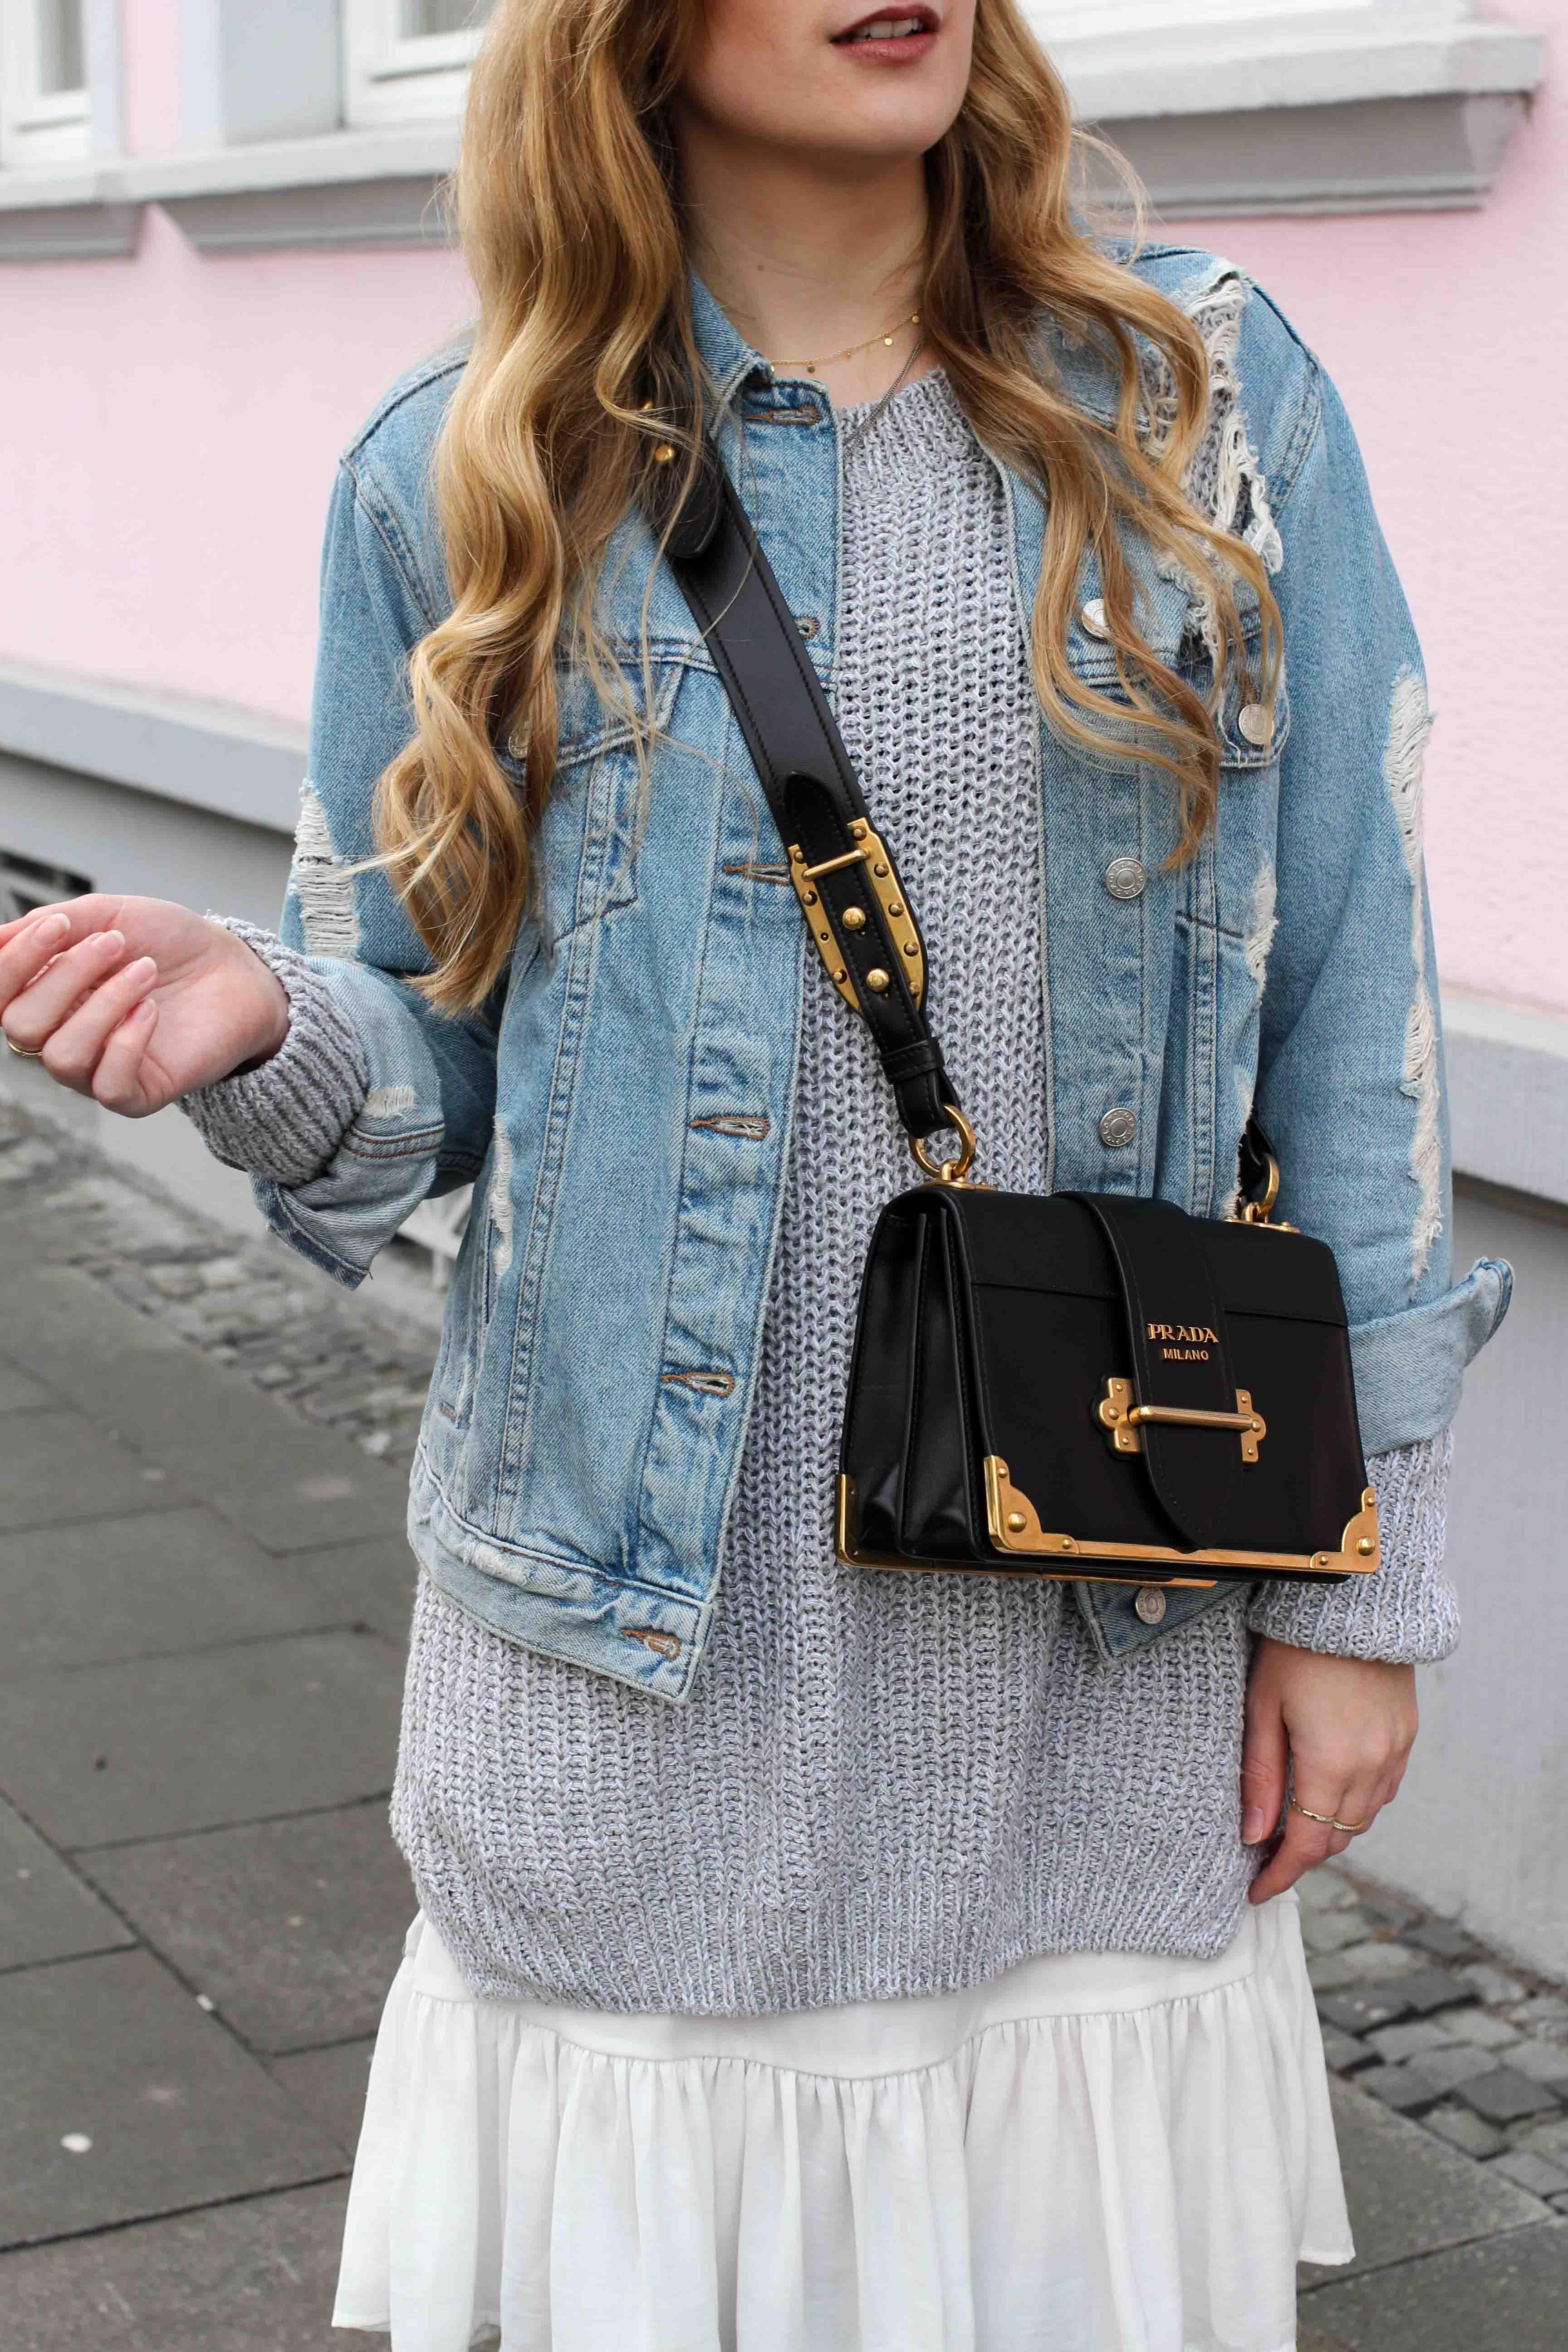 Winter Layering mit Kleid grauer Pullover Outfit zerrissene Jeansjacke Prada Cahier Bag Designertasche Streetstyle Modeblog Bonn Fashion Blog Deutschland 3